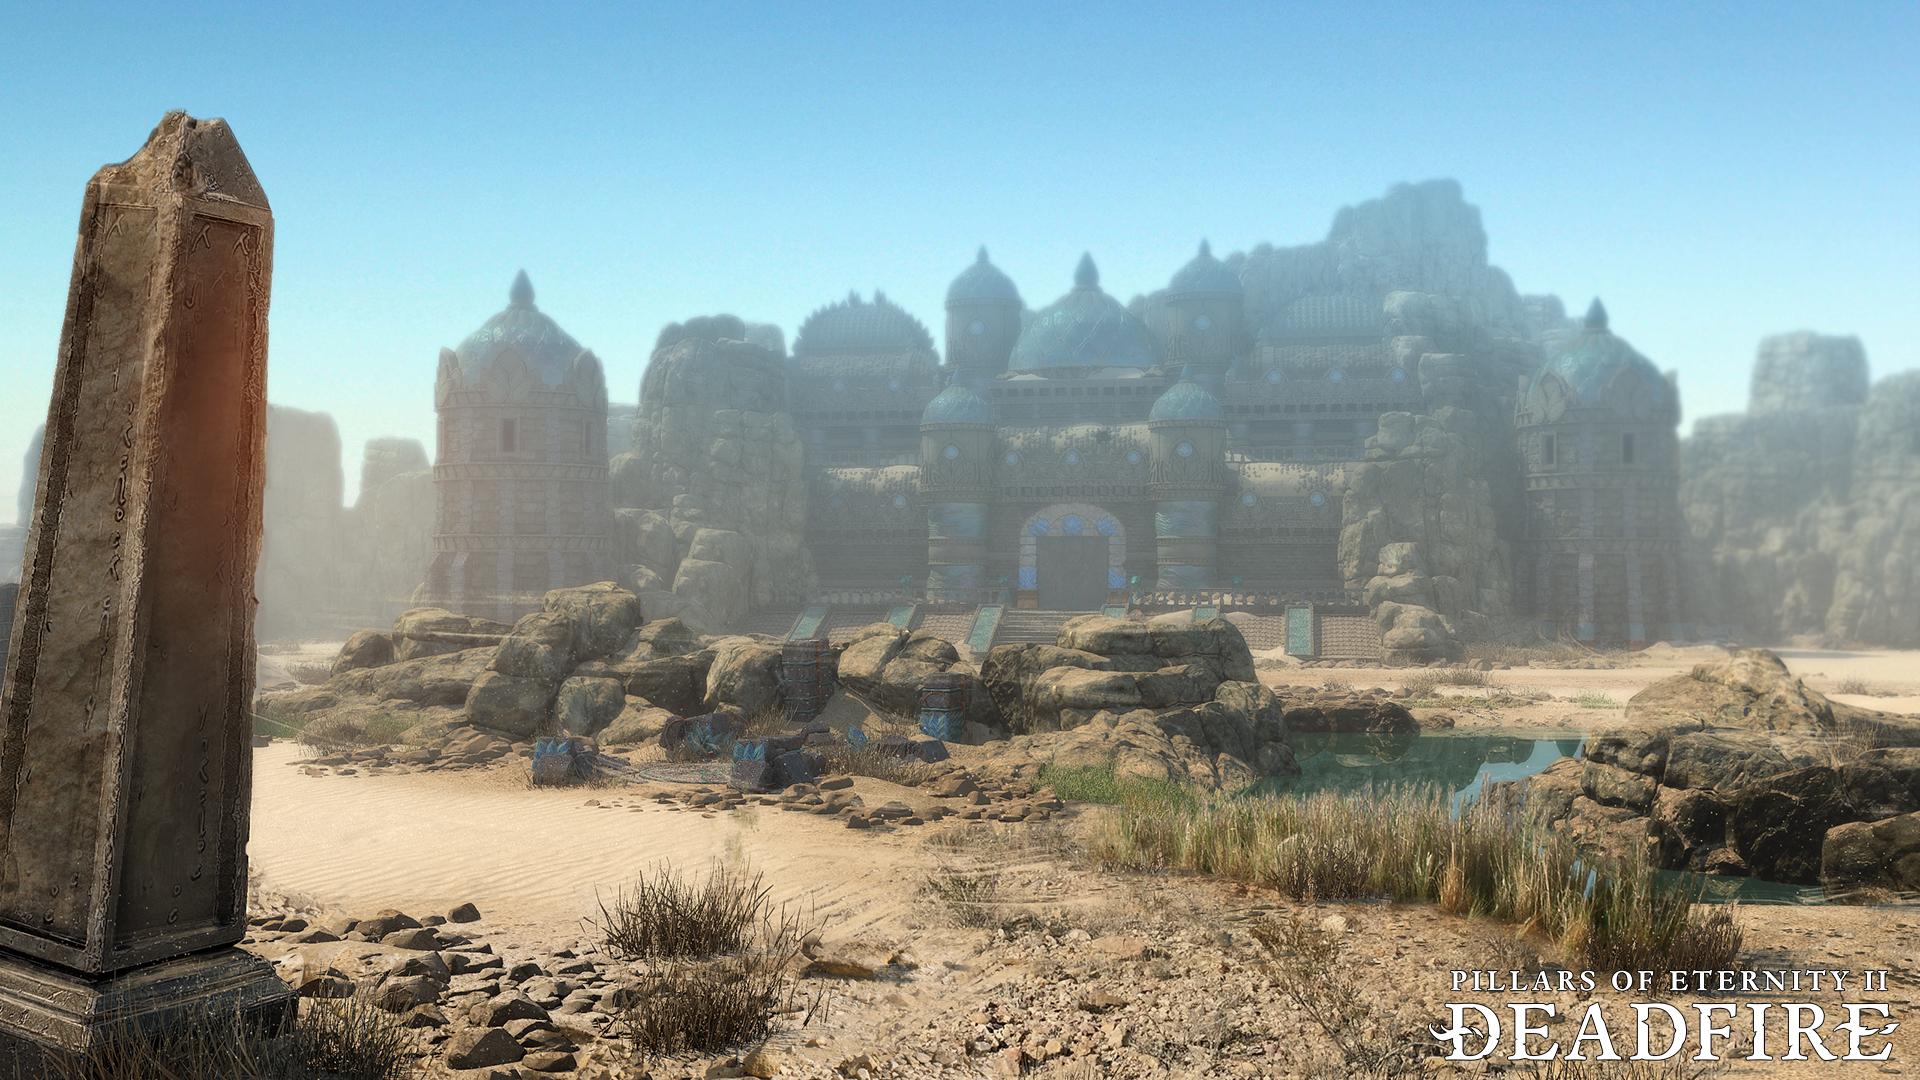 Pillars Of Eternity Ii Deadfire Update 55 Seeker Slayer